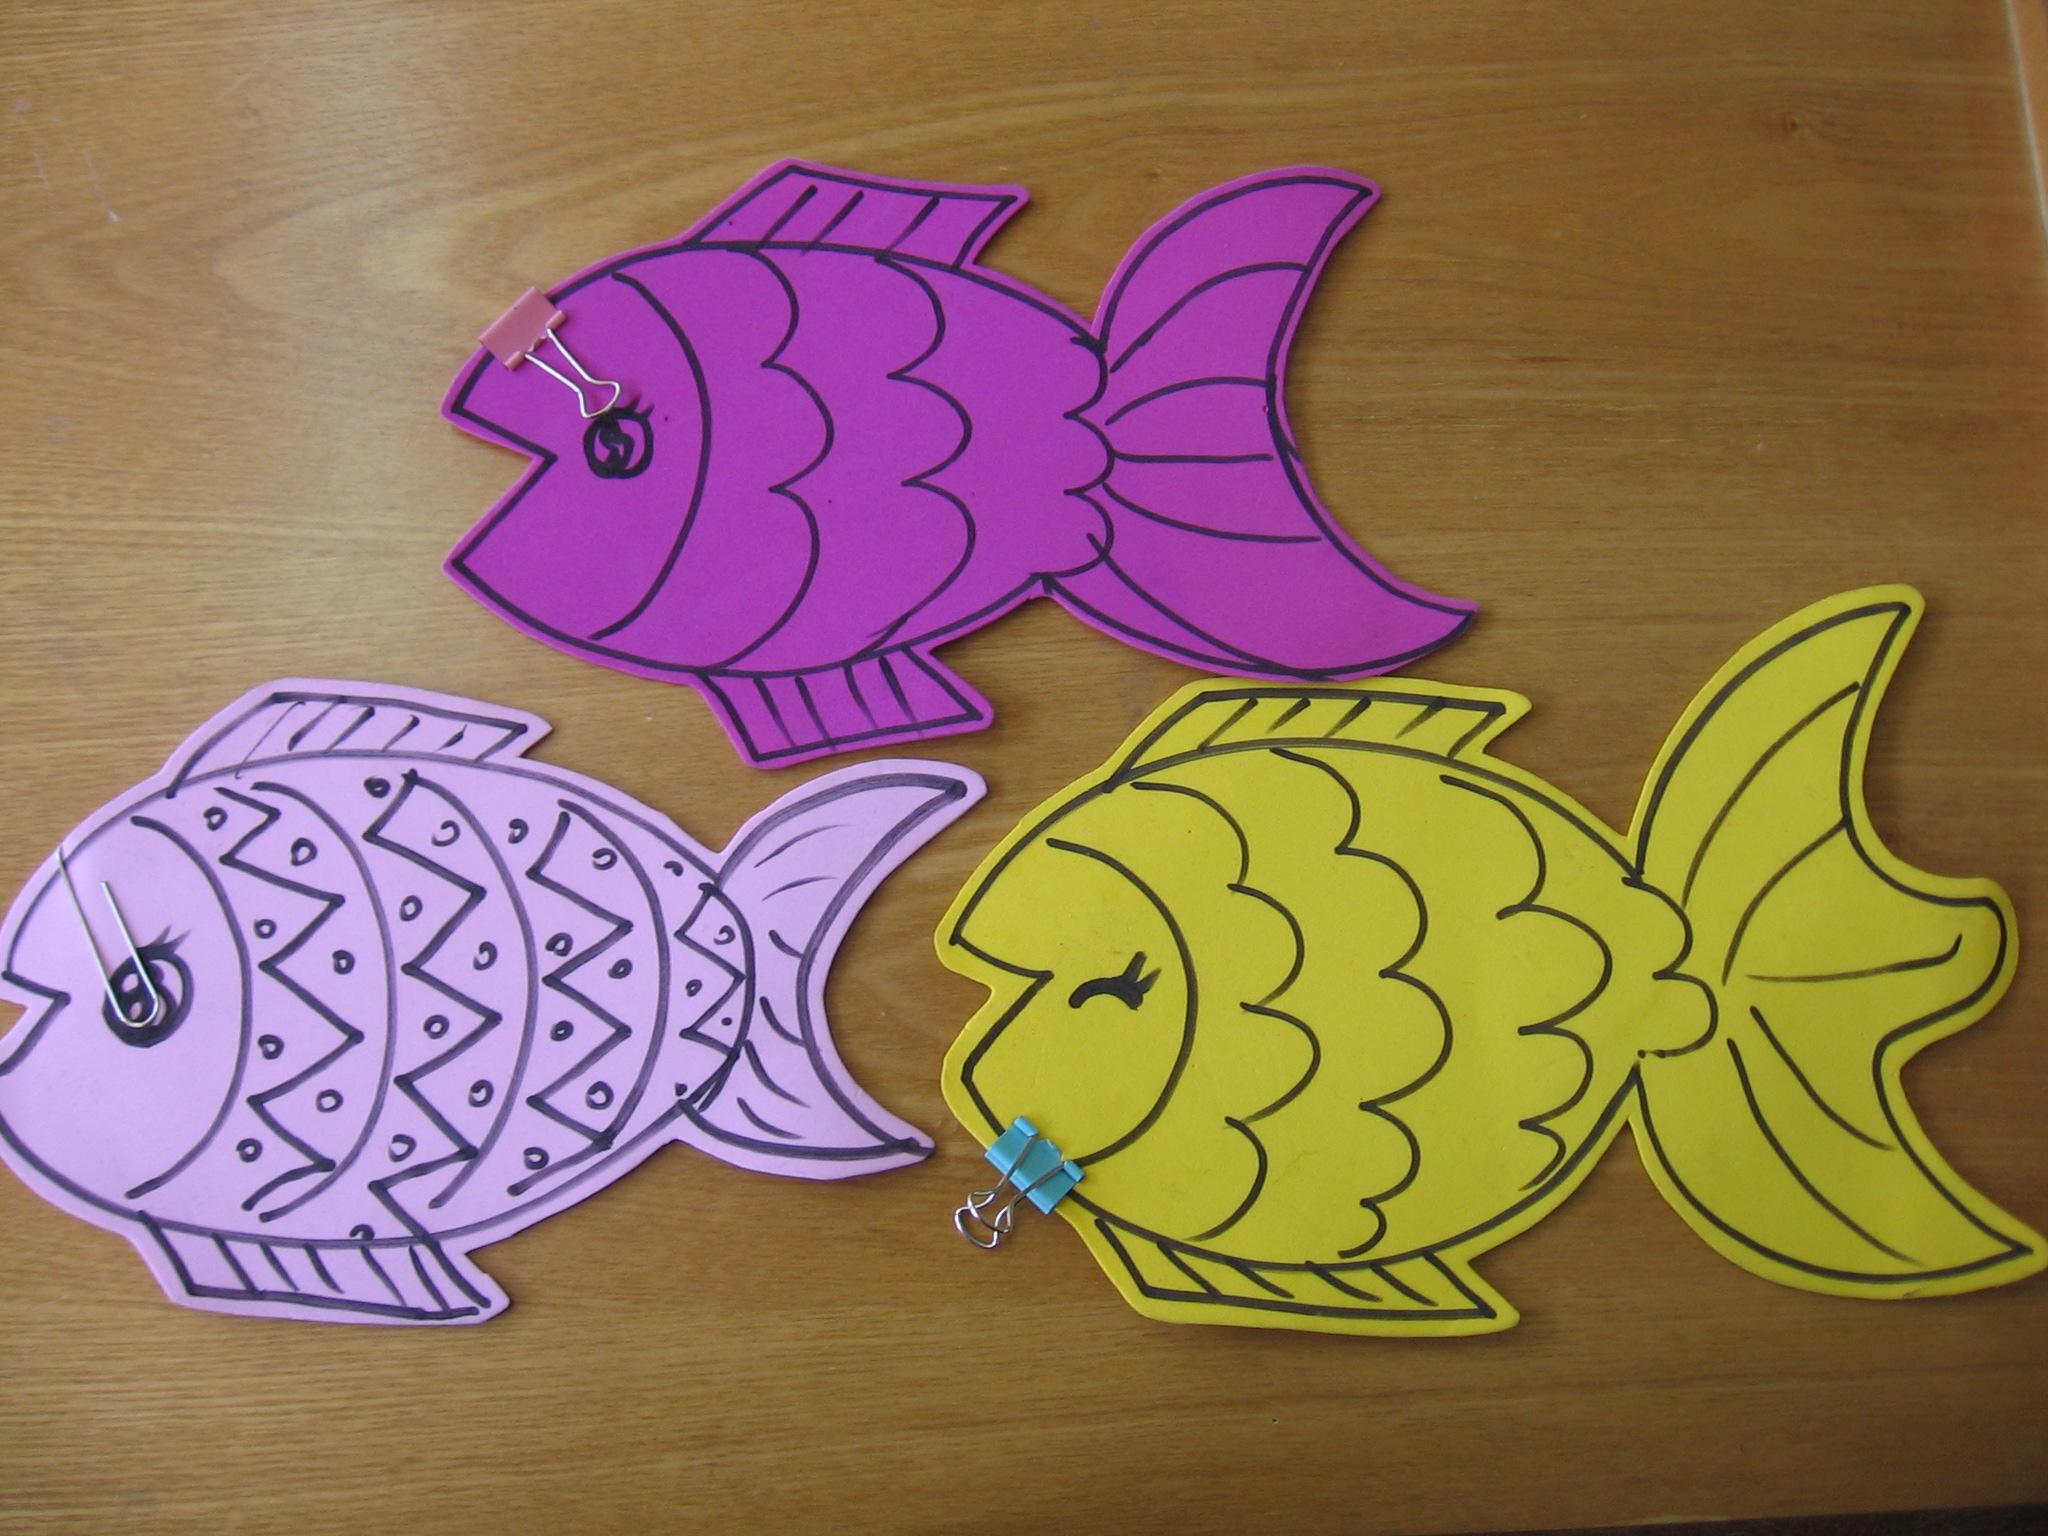 园所主页 班级主页 大1班1003 教学动态  绘画难点: 小鱼的轮廓画起来